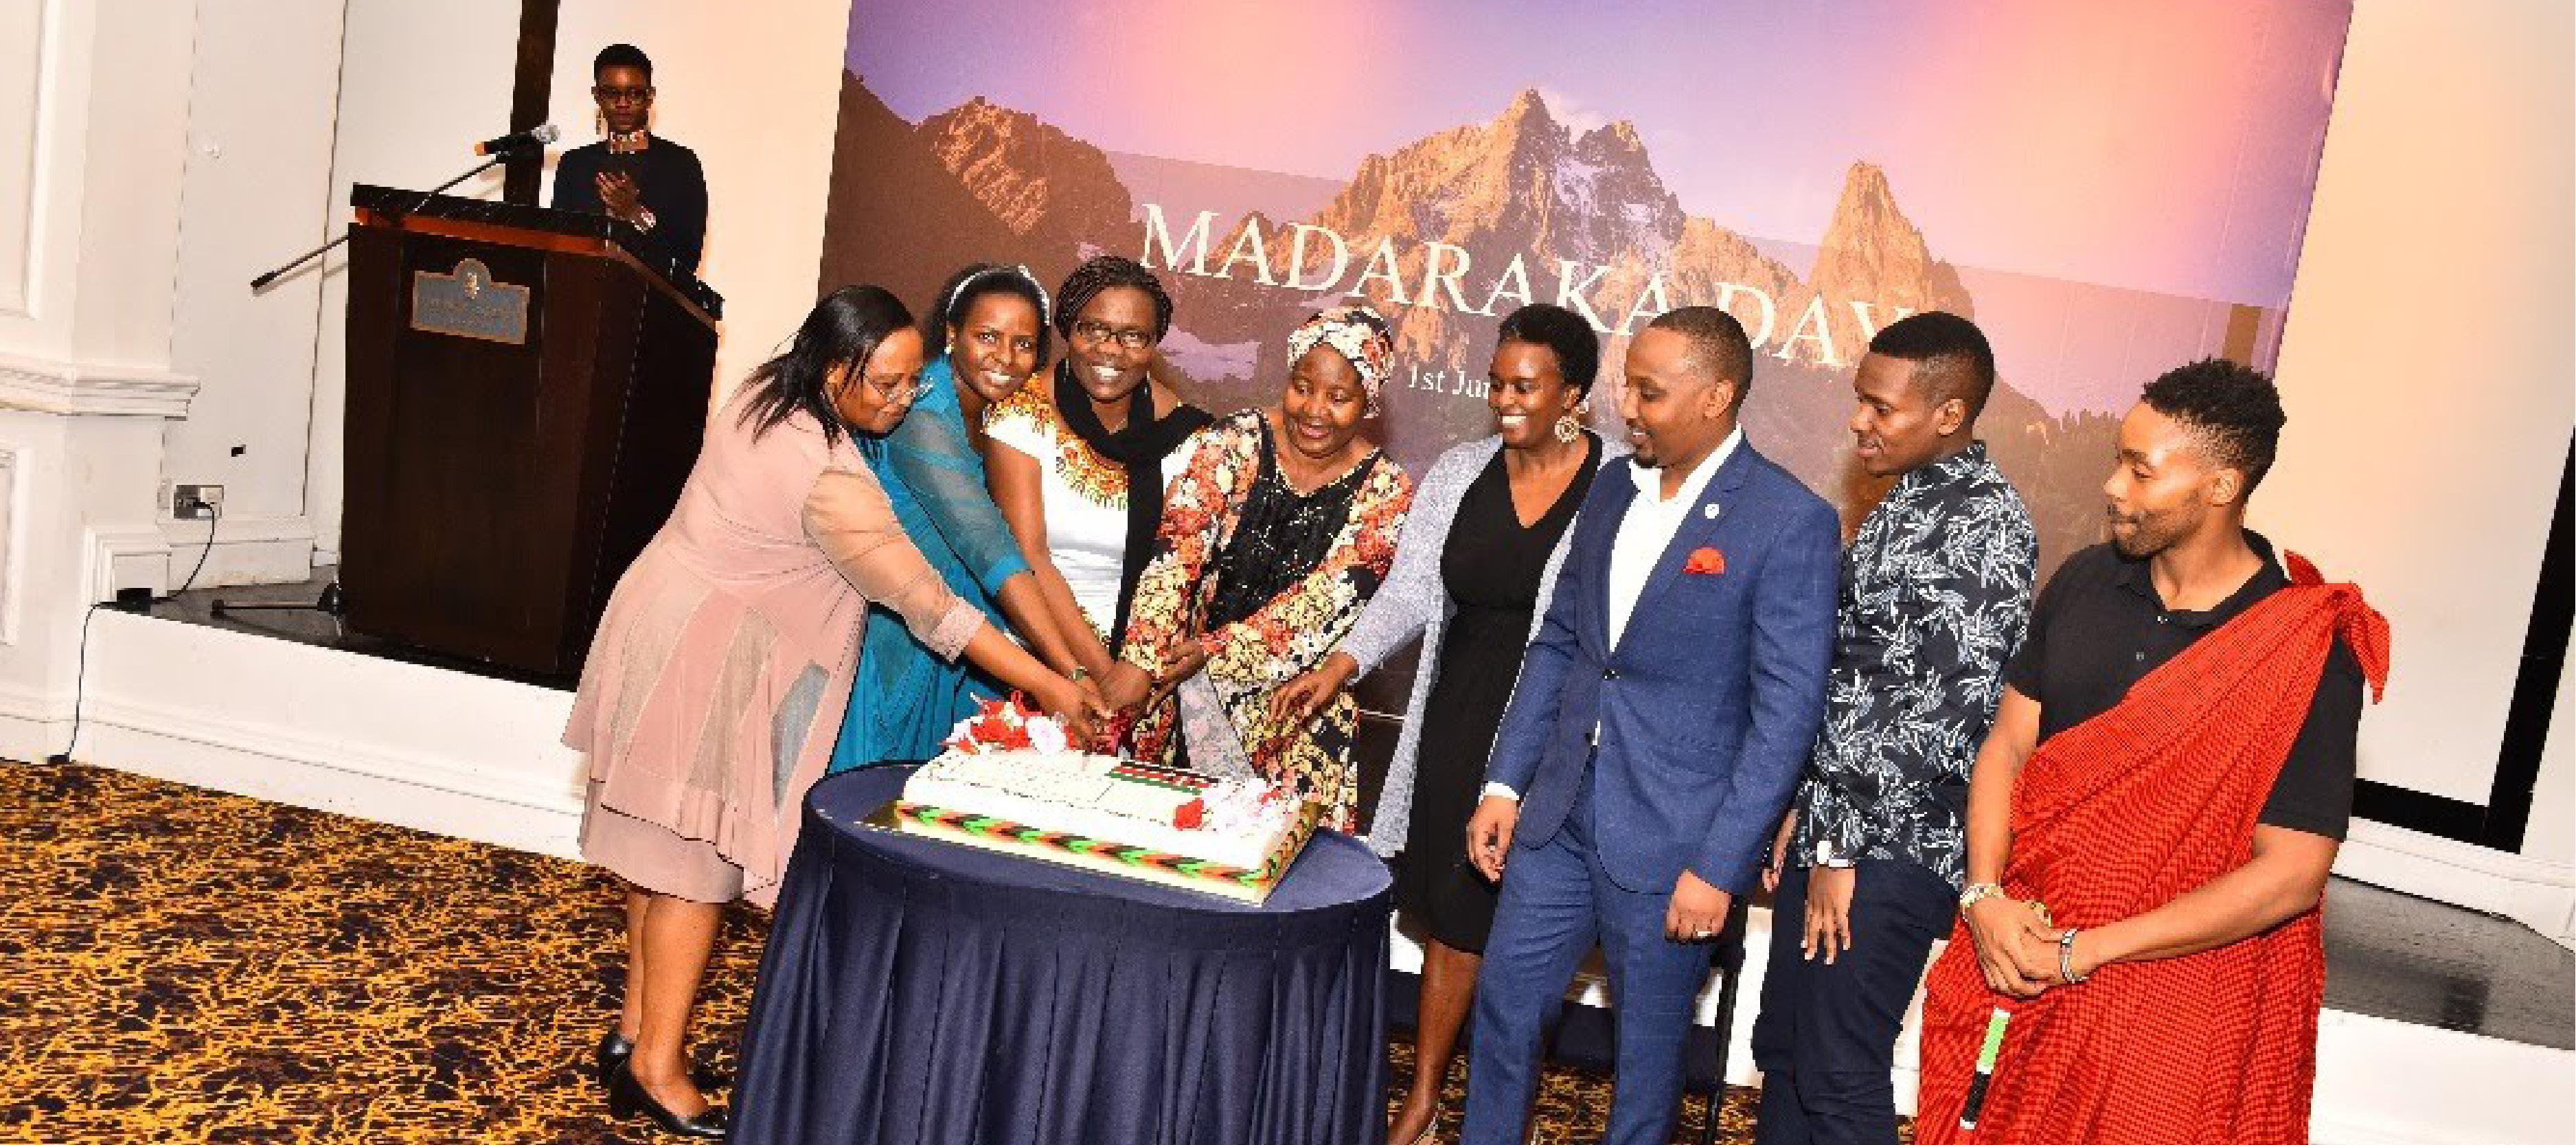 Madaraka Day 2018